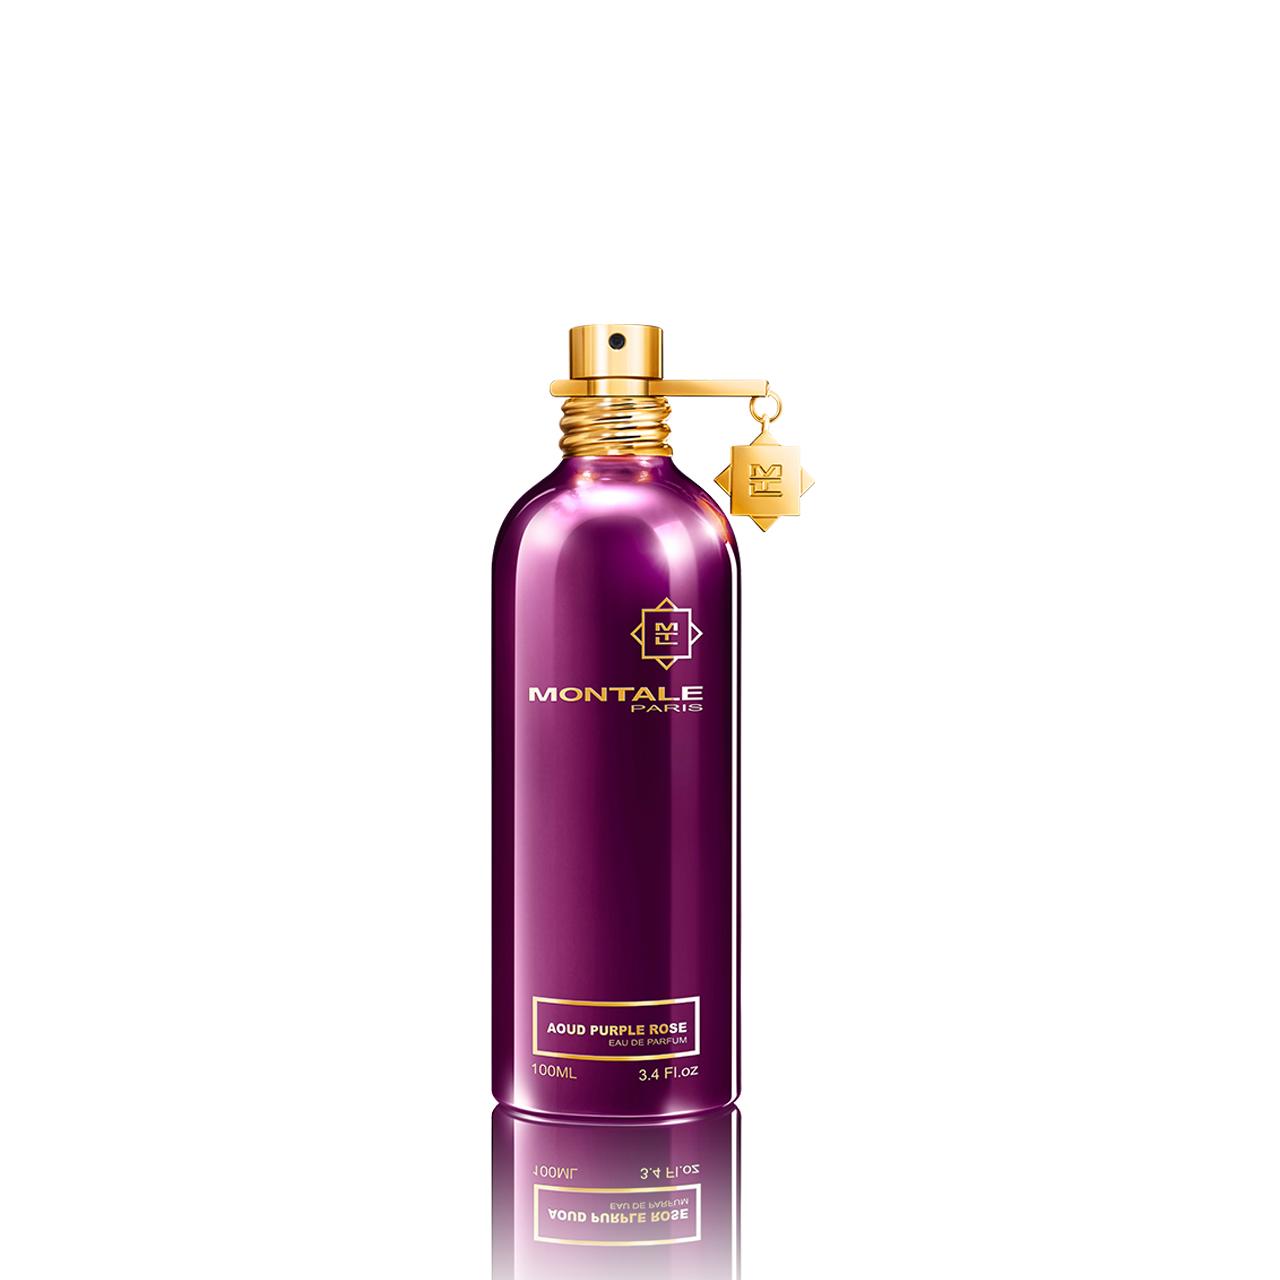 Aoud Purple Rose - Eau de Parfum